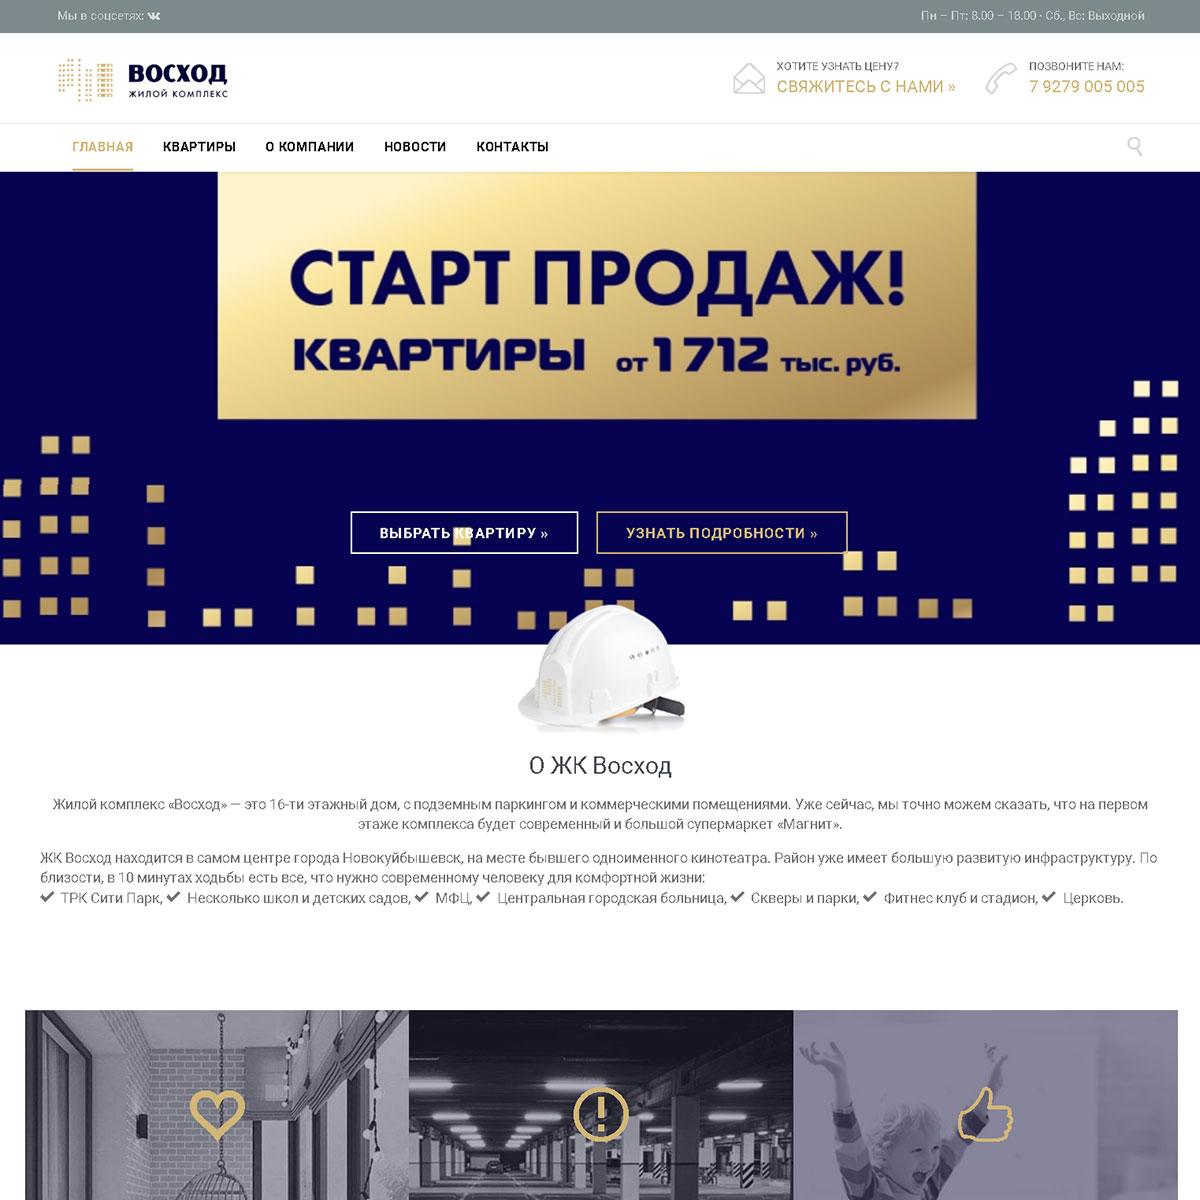 Разработка сайта Жилого комплекса Восход